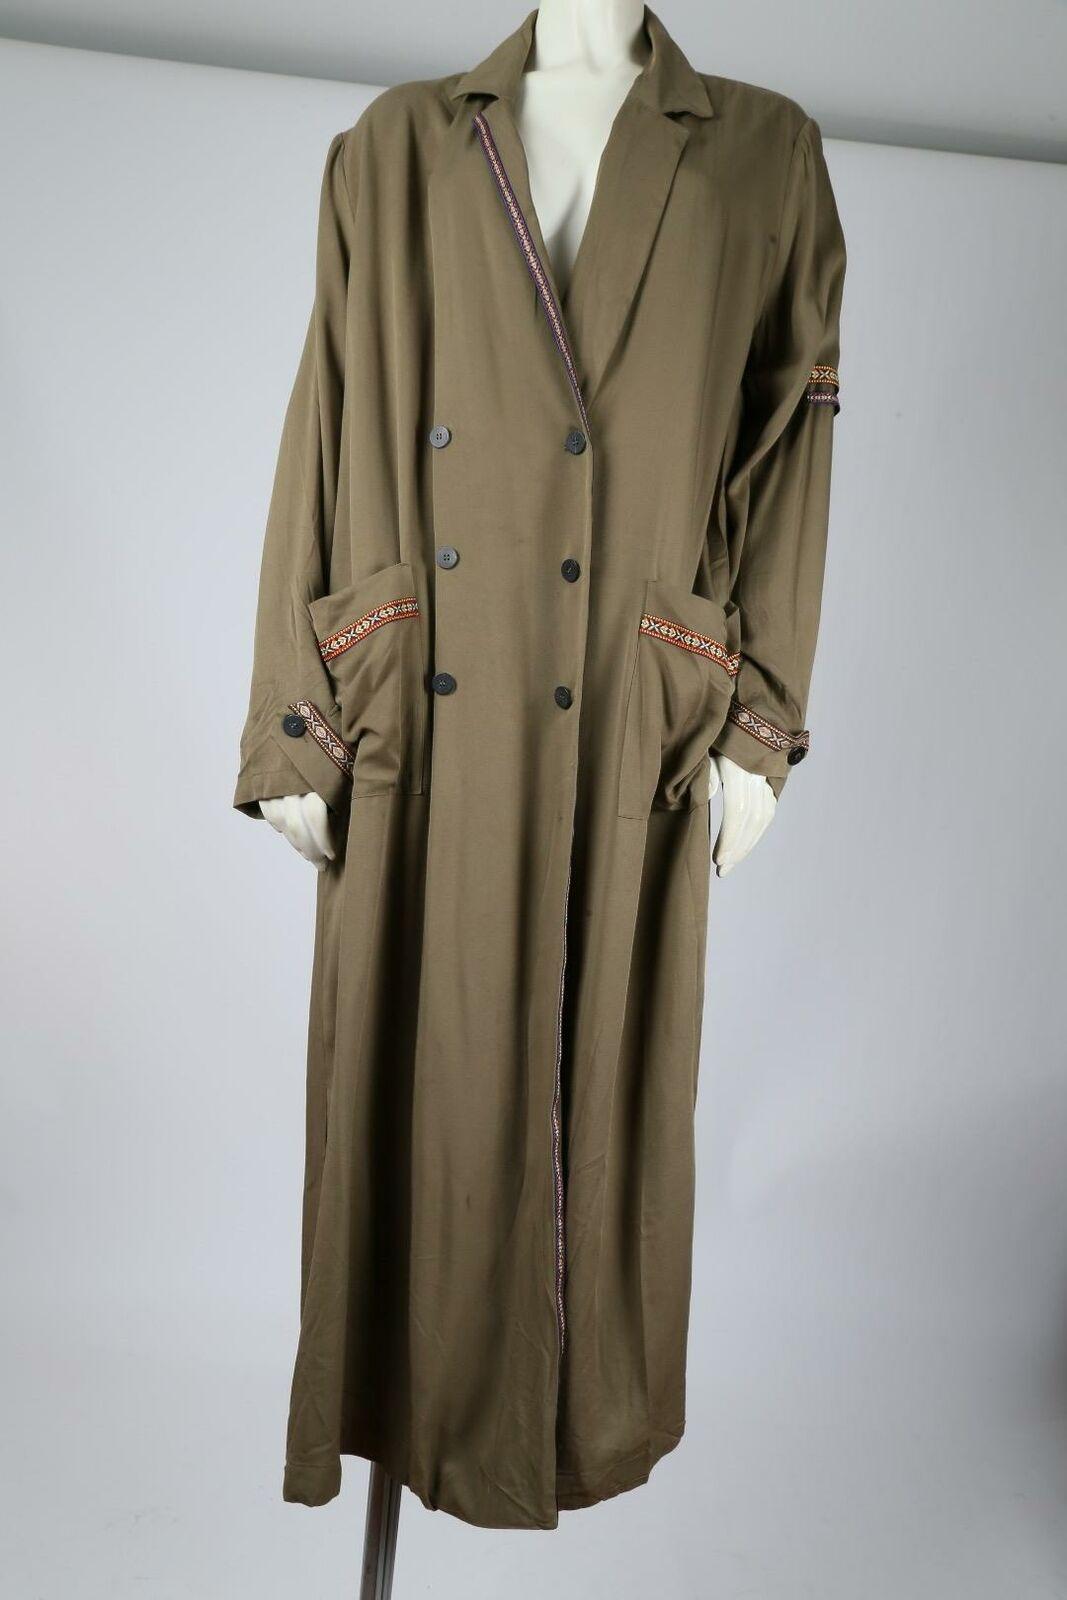 MANGO Olive Green Oversized Wrap Long Trench Coat… - image 10